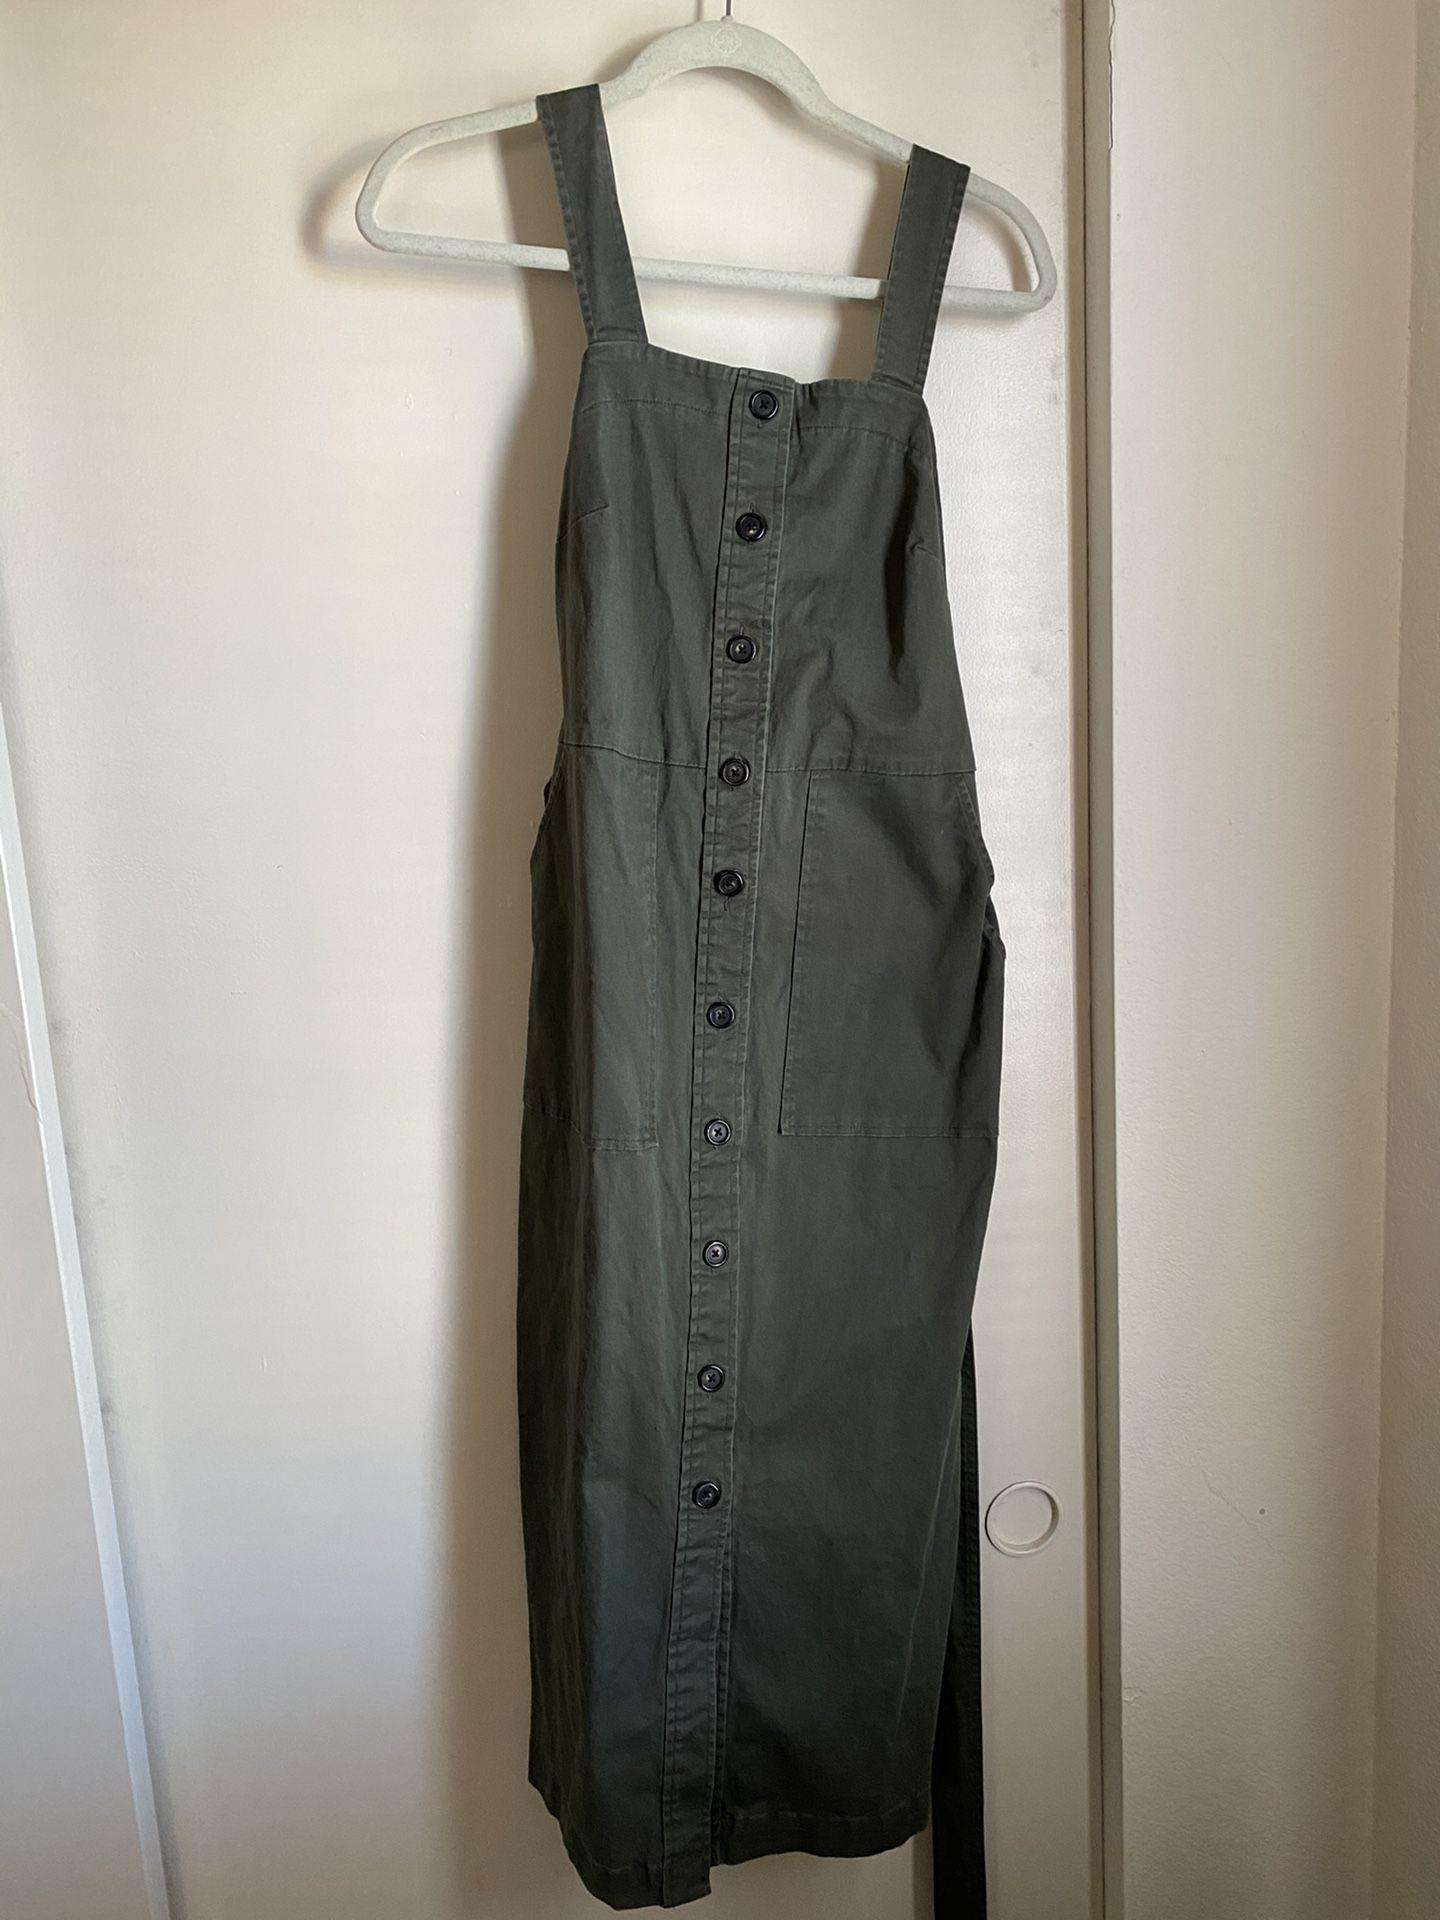 Hurley overall and dress